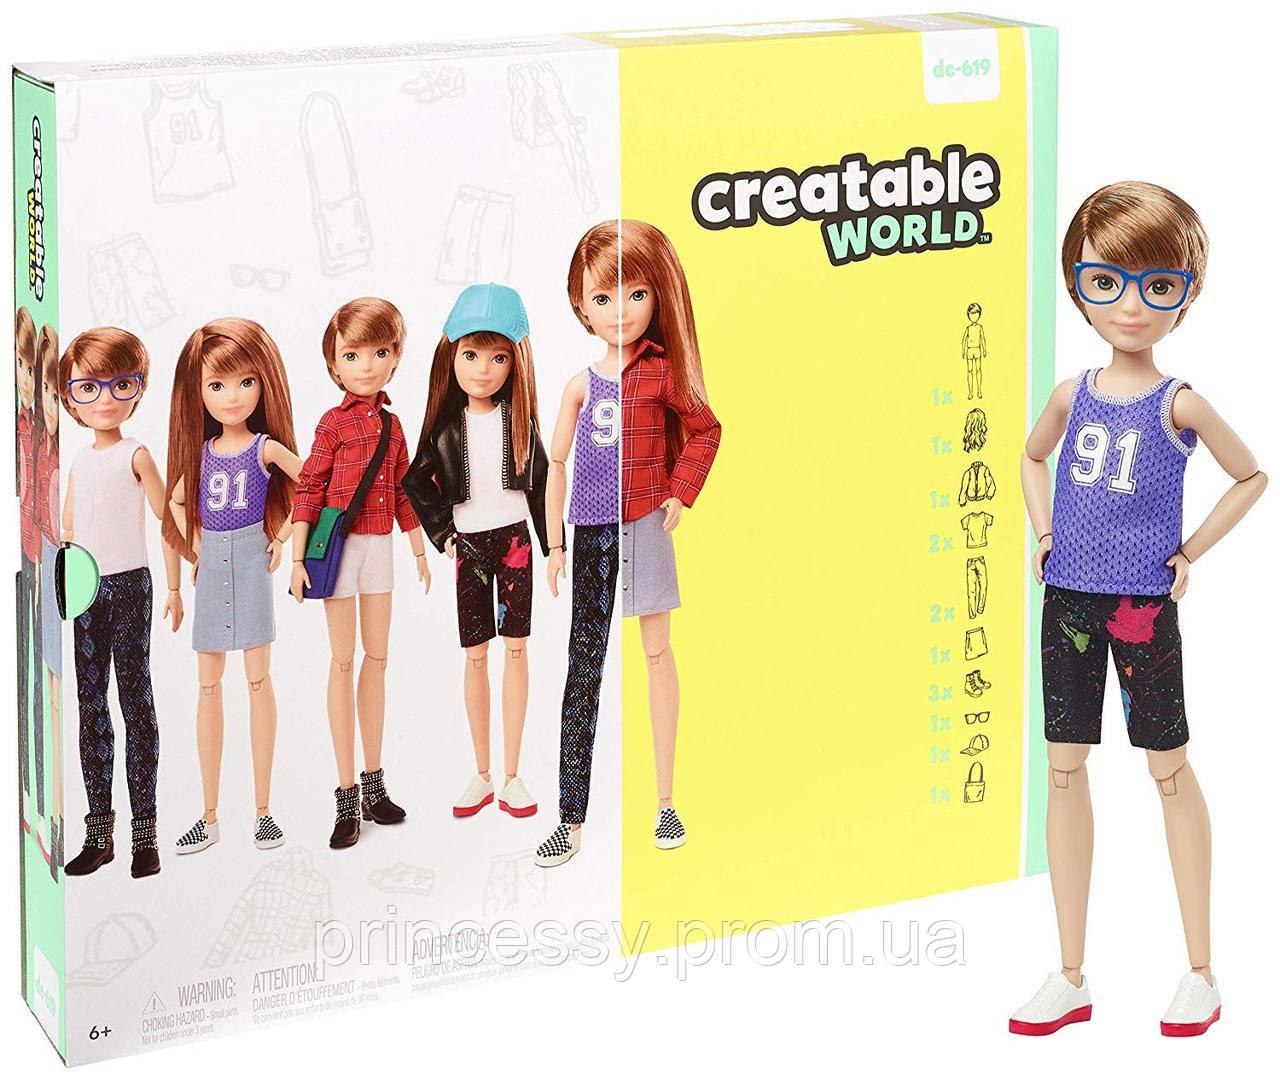 Кукла Creatable World Творимый Мир Deluxe медные прямые волосы